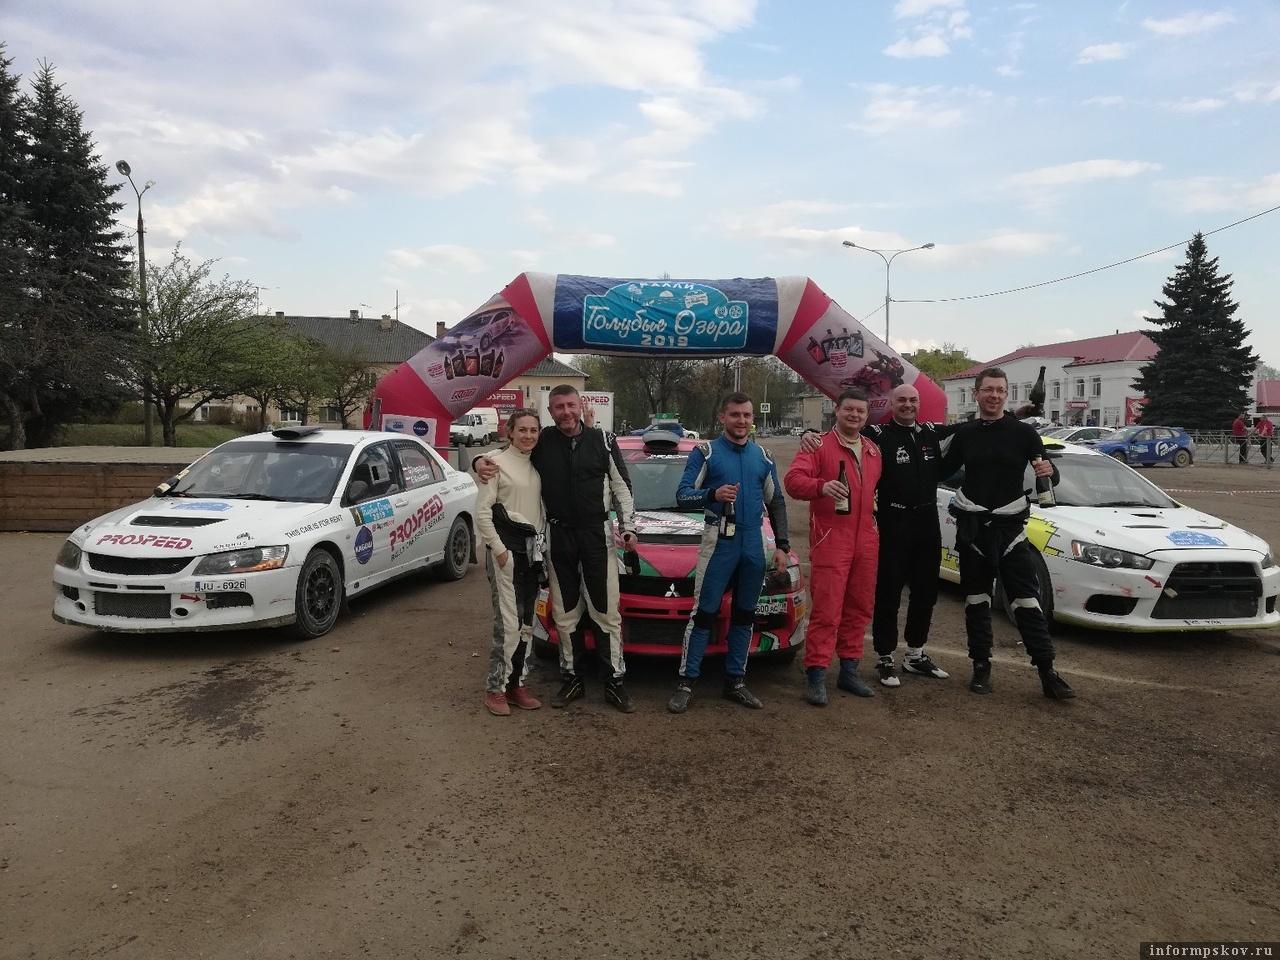 Победители гонки. Фото болельщиков